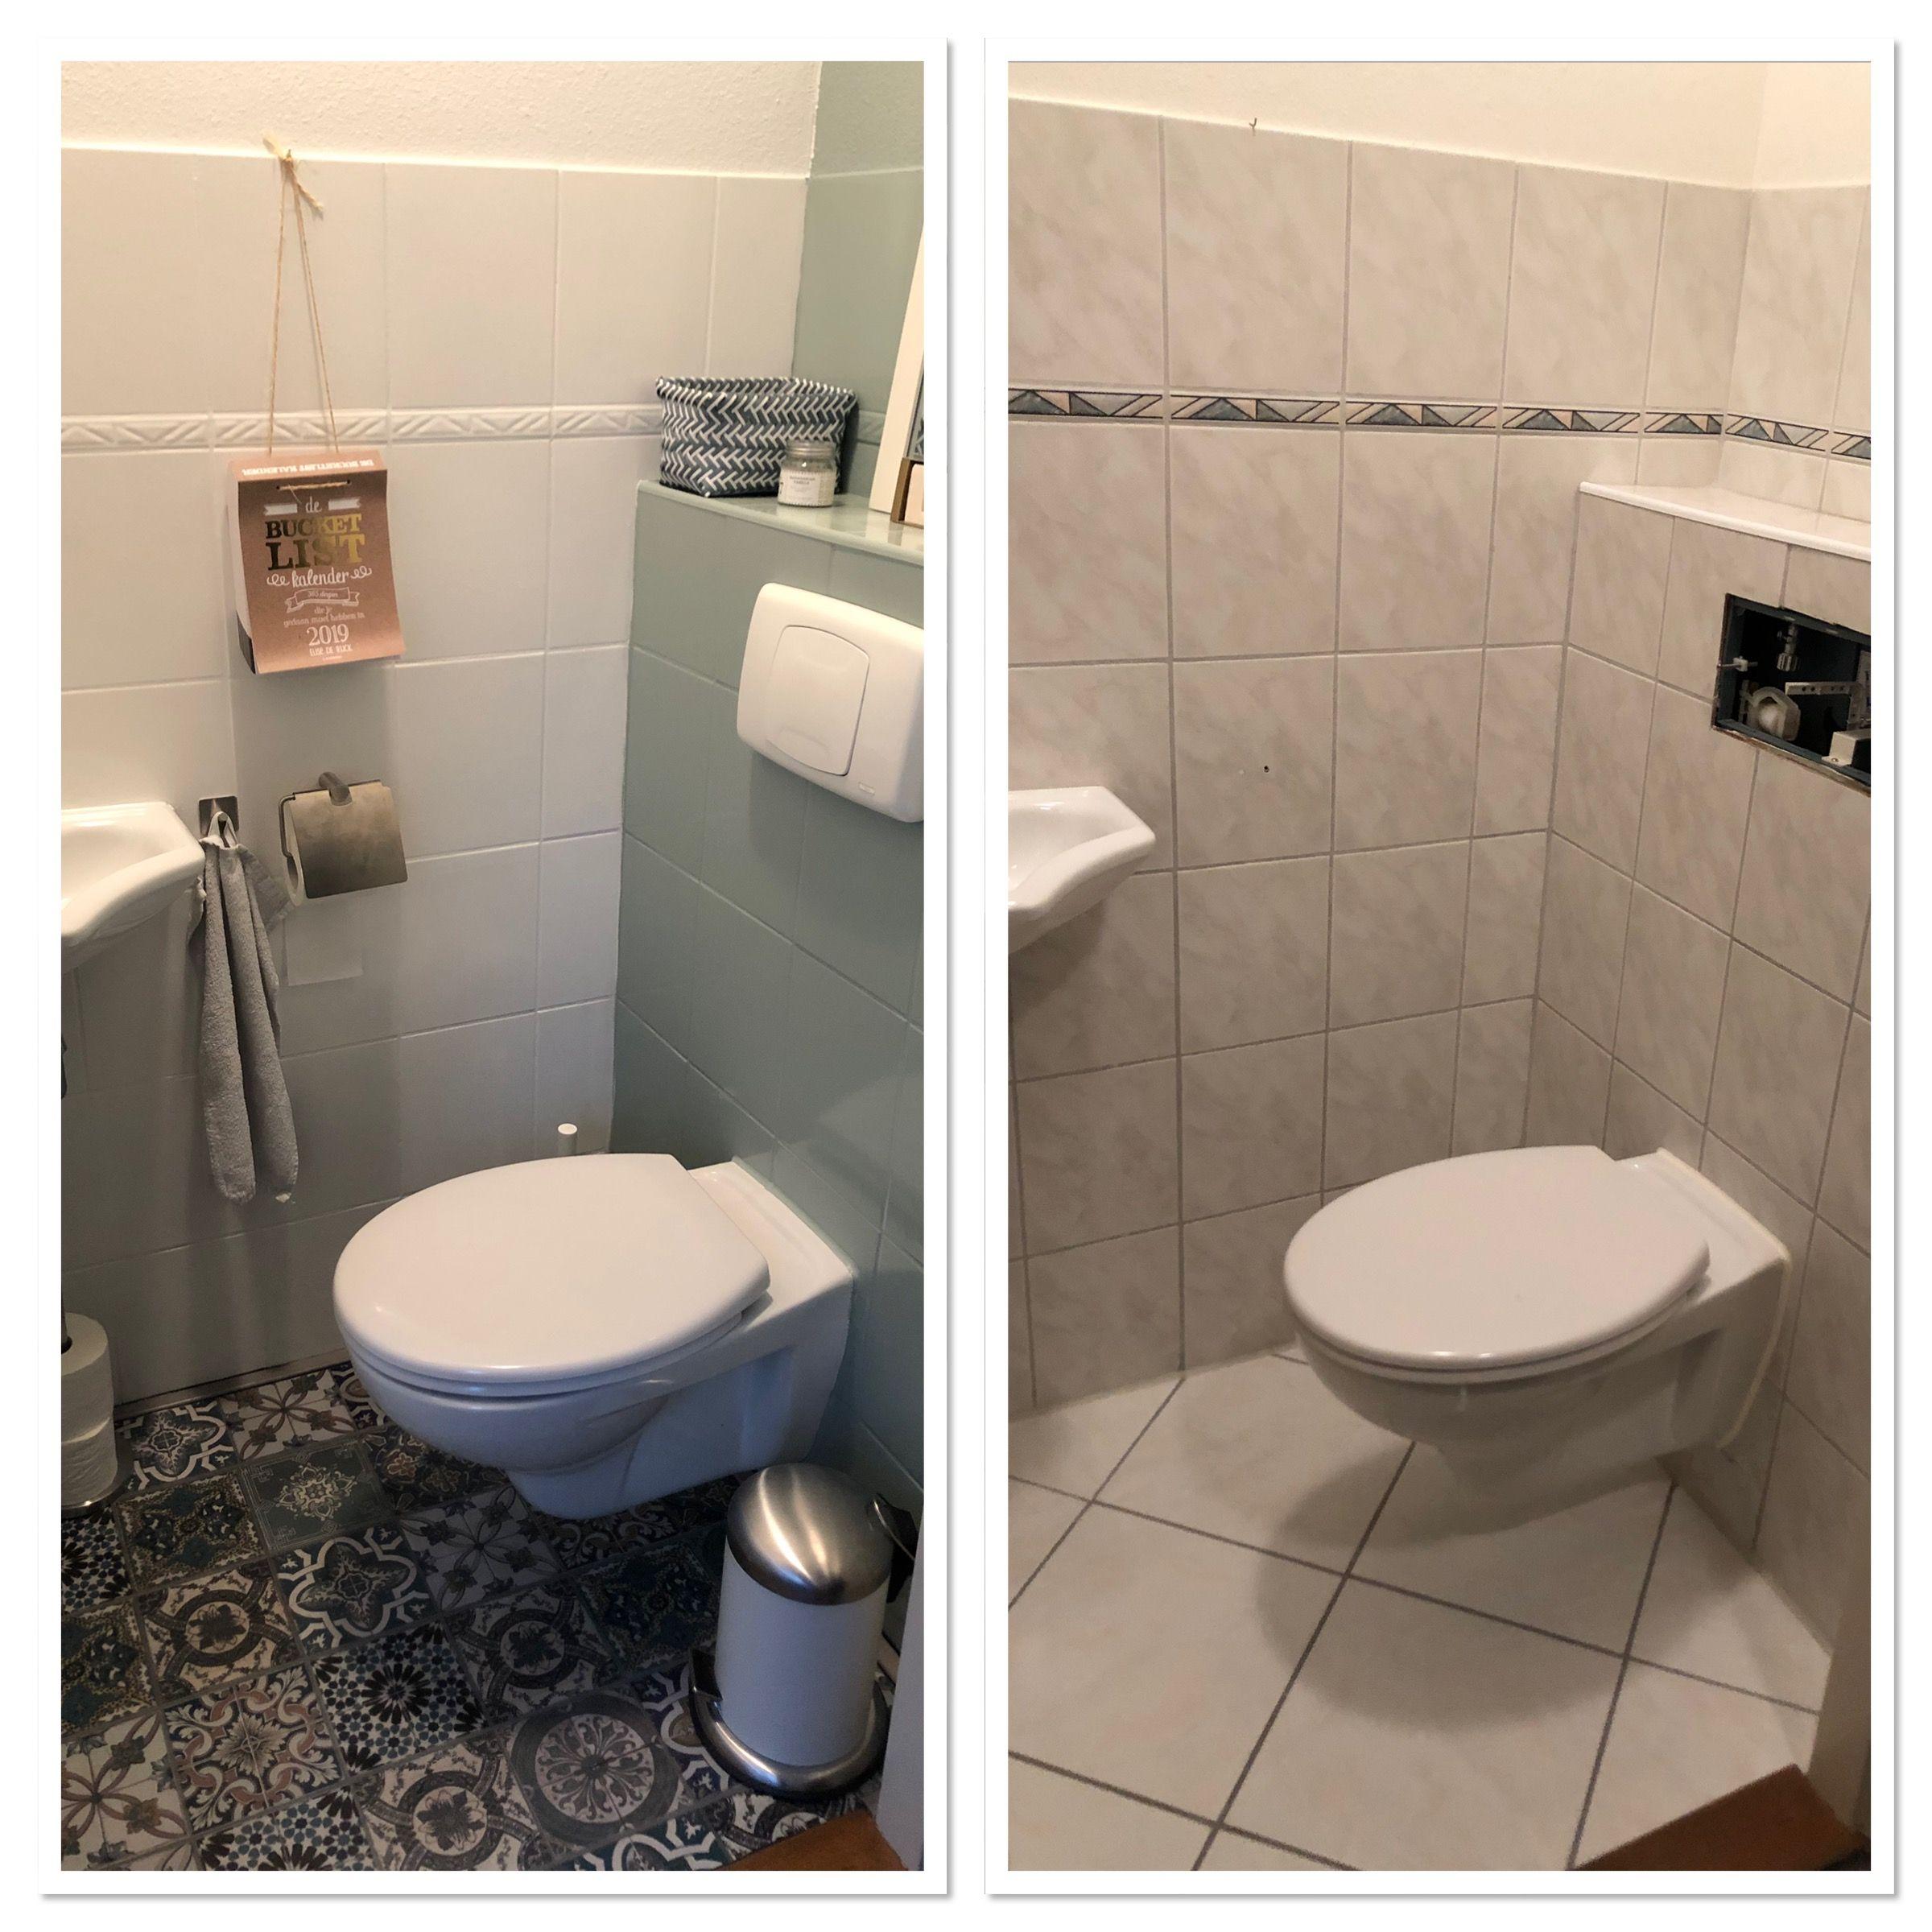 Wc Tegels Geverfd Met Tegelverf Van De Gamma Badkamer Tegelverf Badkamer Opknappen Toilet Ontwerp